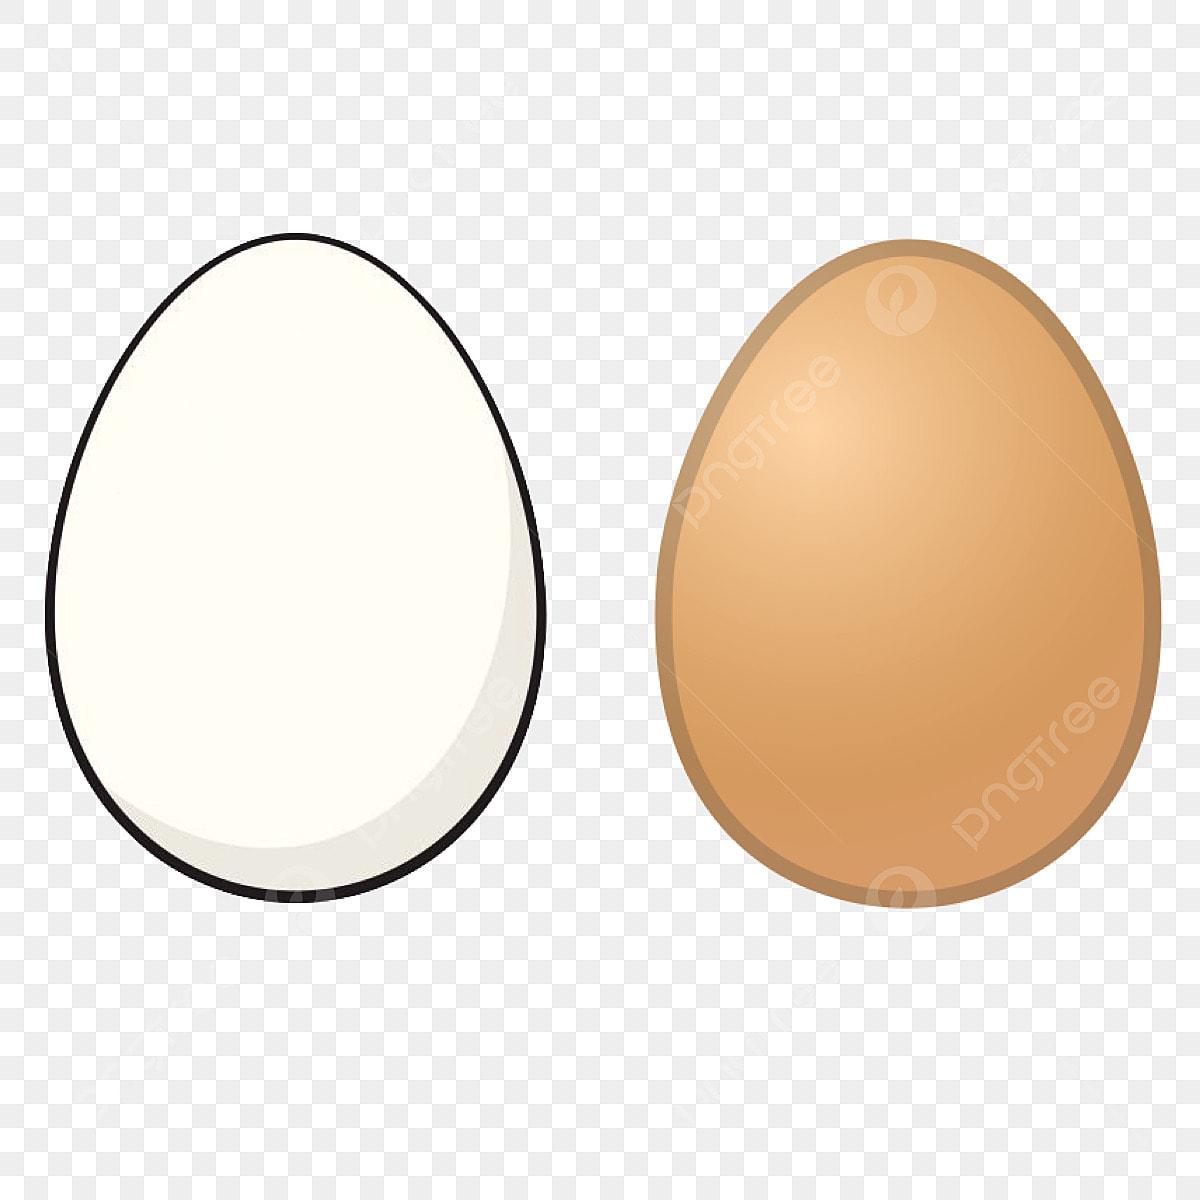 440 Koleksi Gambar Rumah Warna Hijau Telur Asin Gratis Terbaru